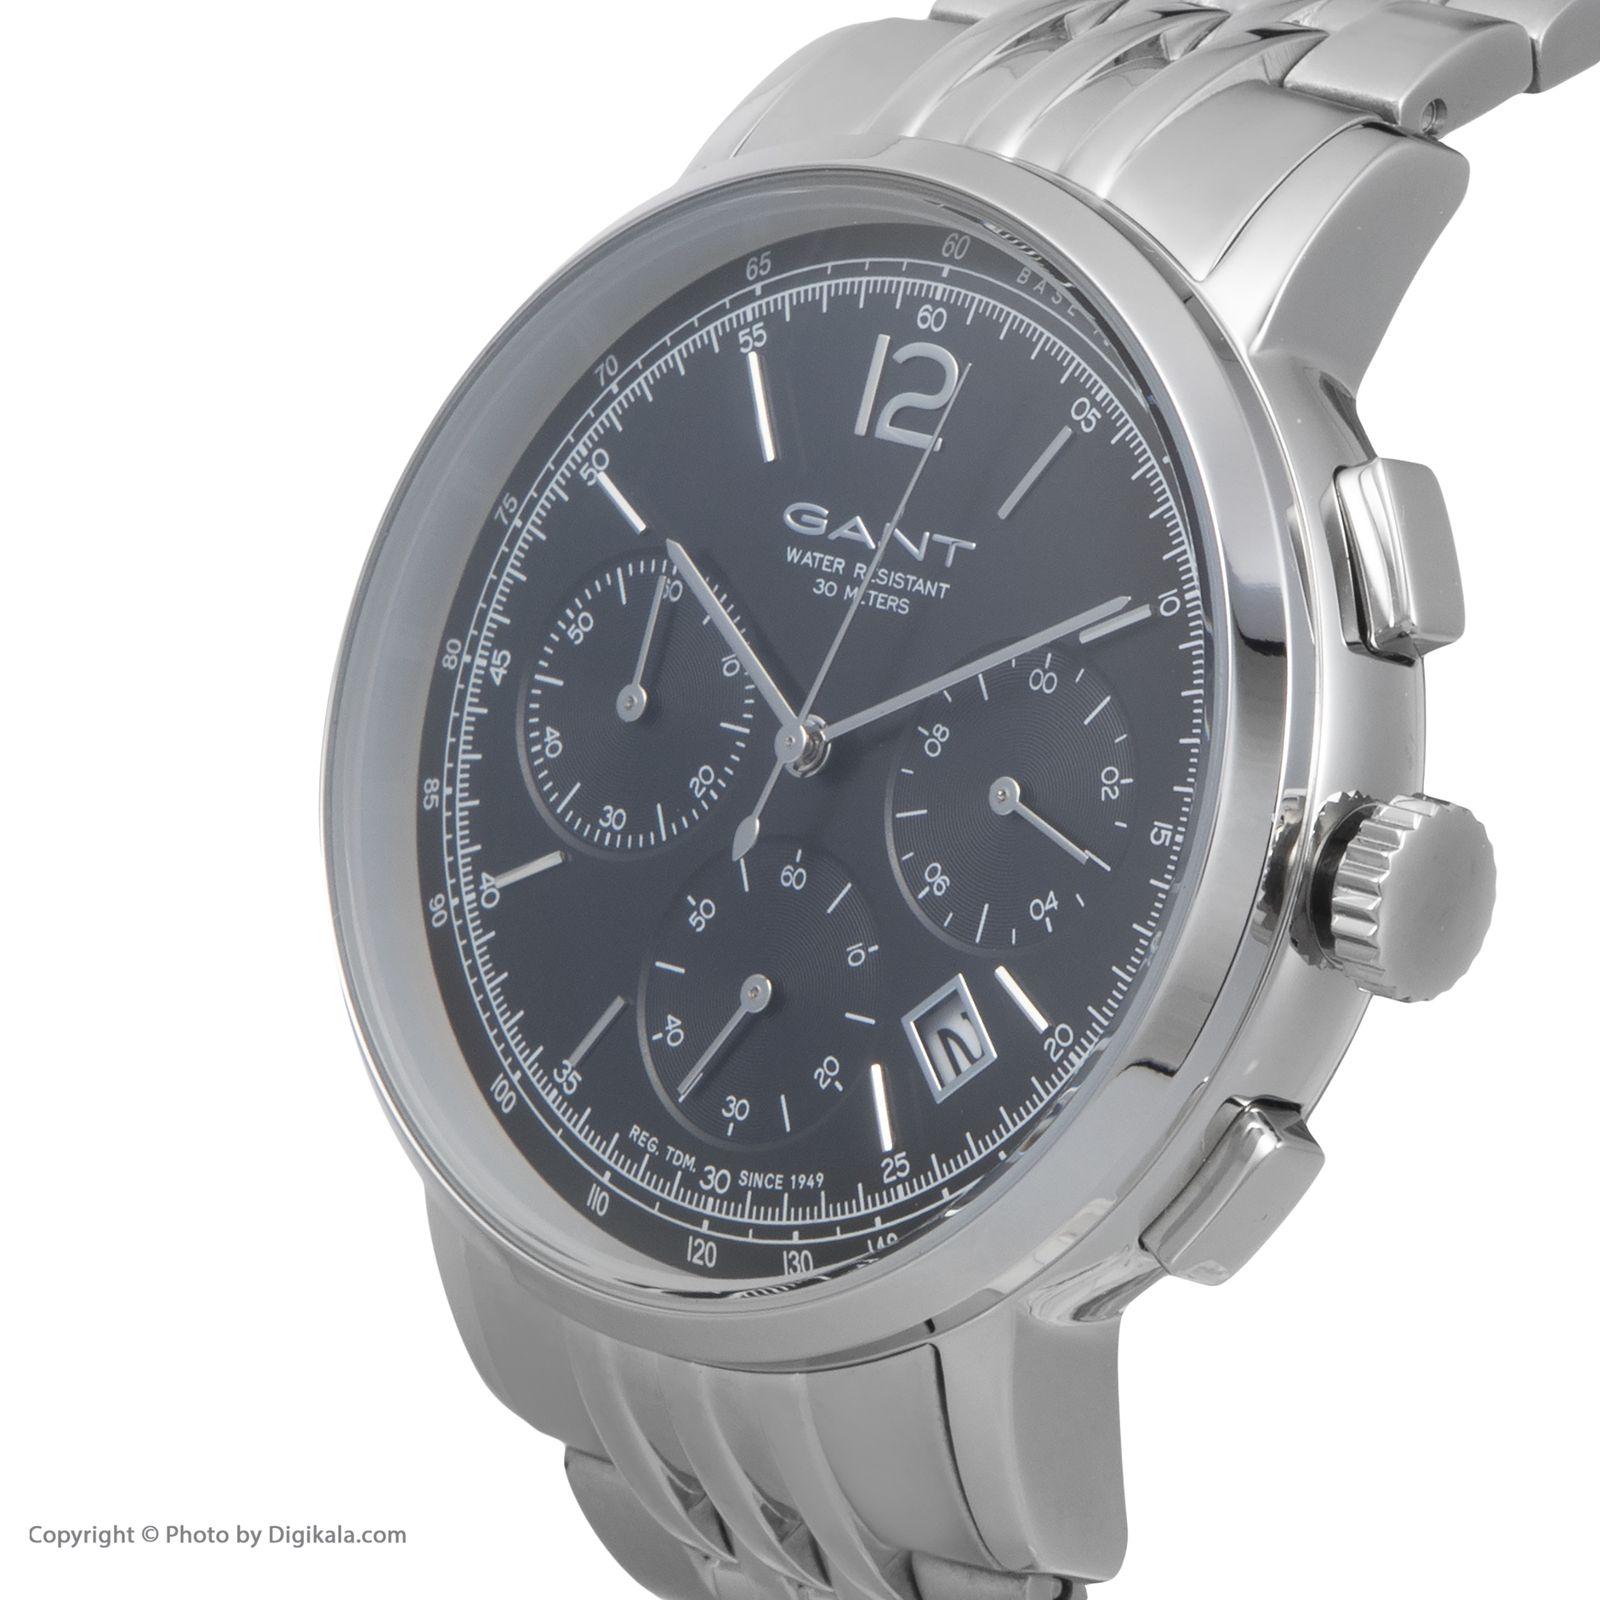 ساعت مچی عقربه ای مردانه گنت مدل GWW079004 -  - 4